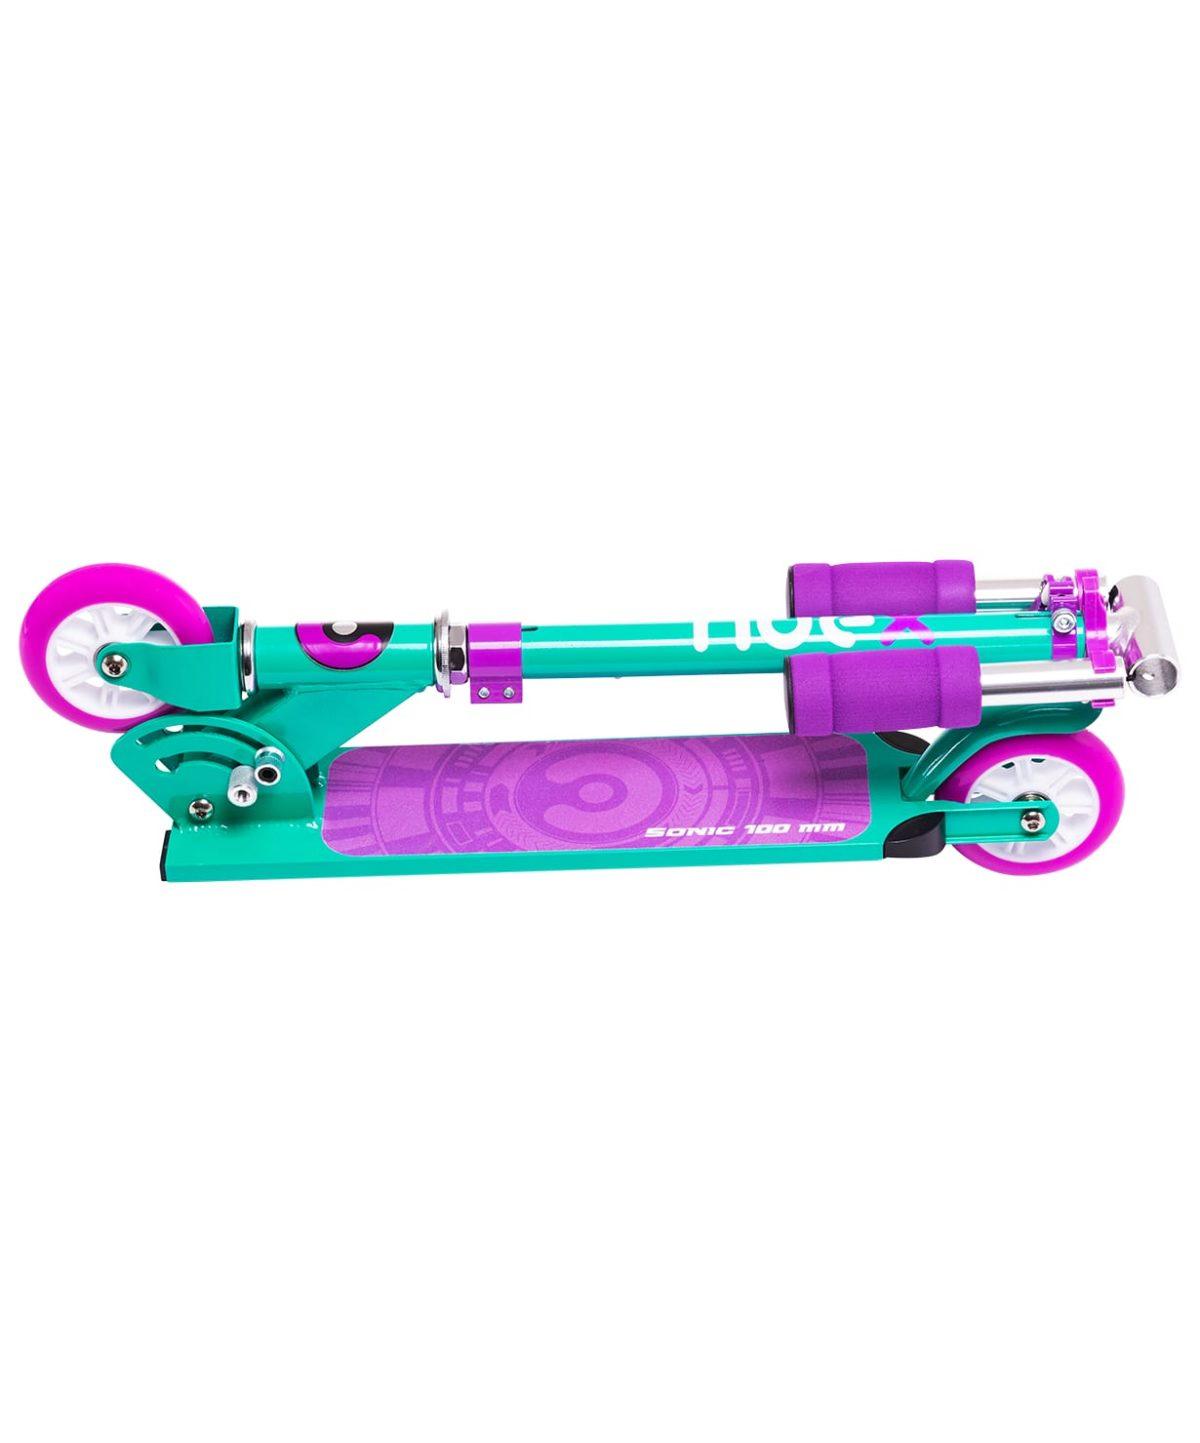 RIDEX Sonic Самокат 2-колесный  100 мм  Sonic: фиолетовый - 5